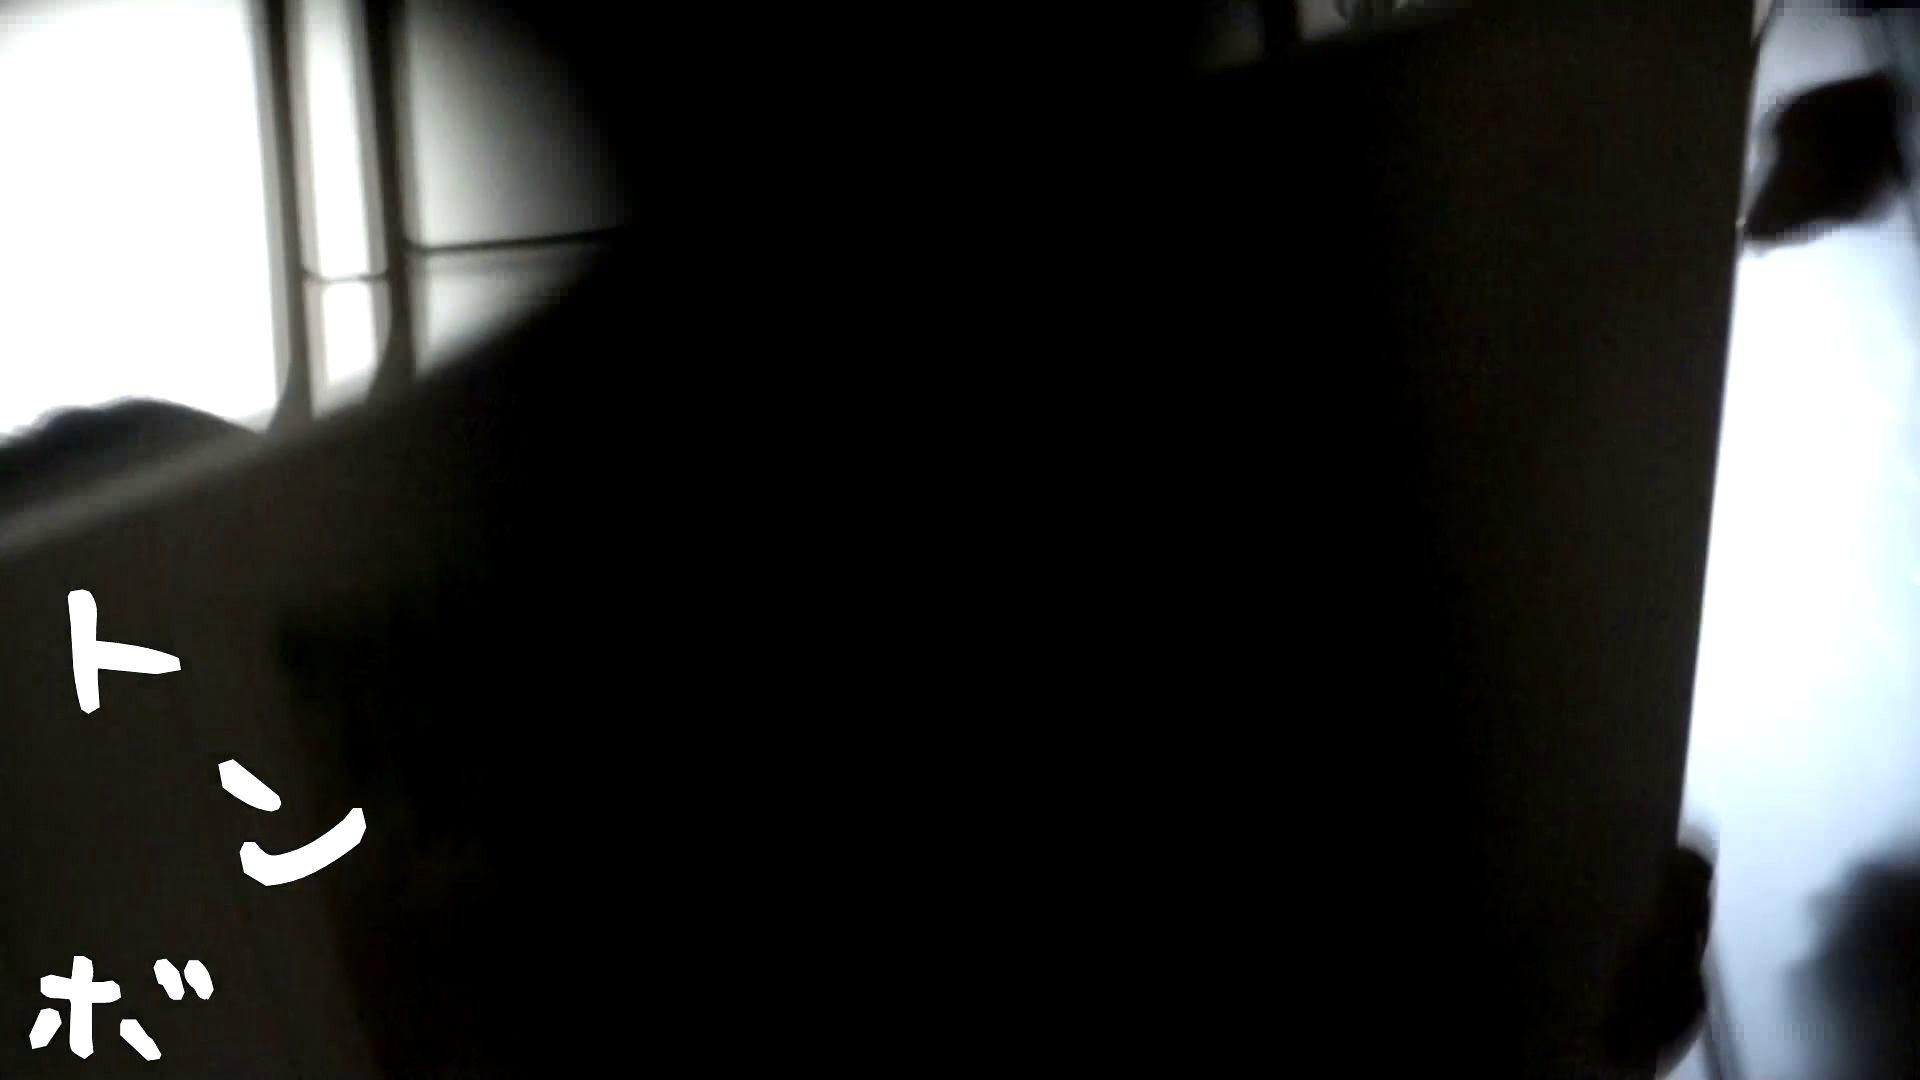 リアル盗撮 清楚なお女市さんのマル秘私生活① 高画質 おまんこ動画流出 71PIX 44